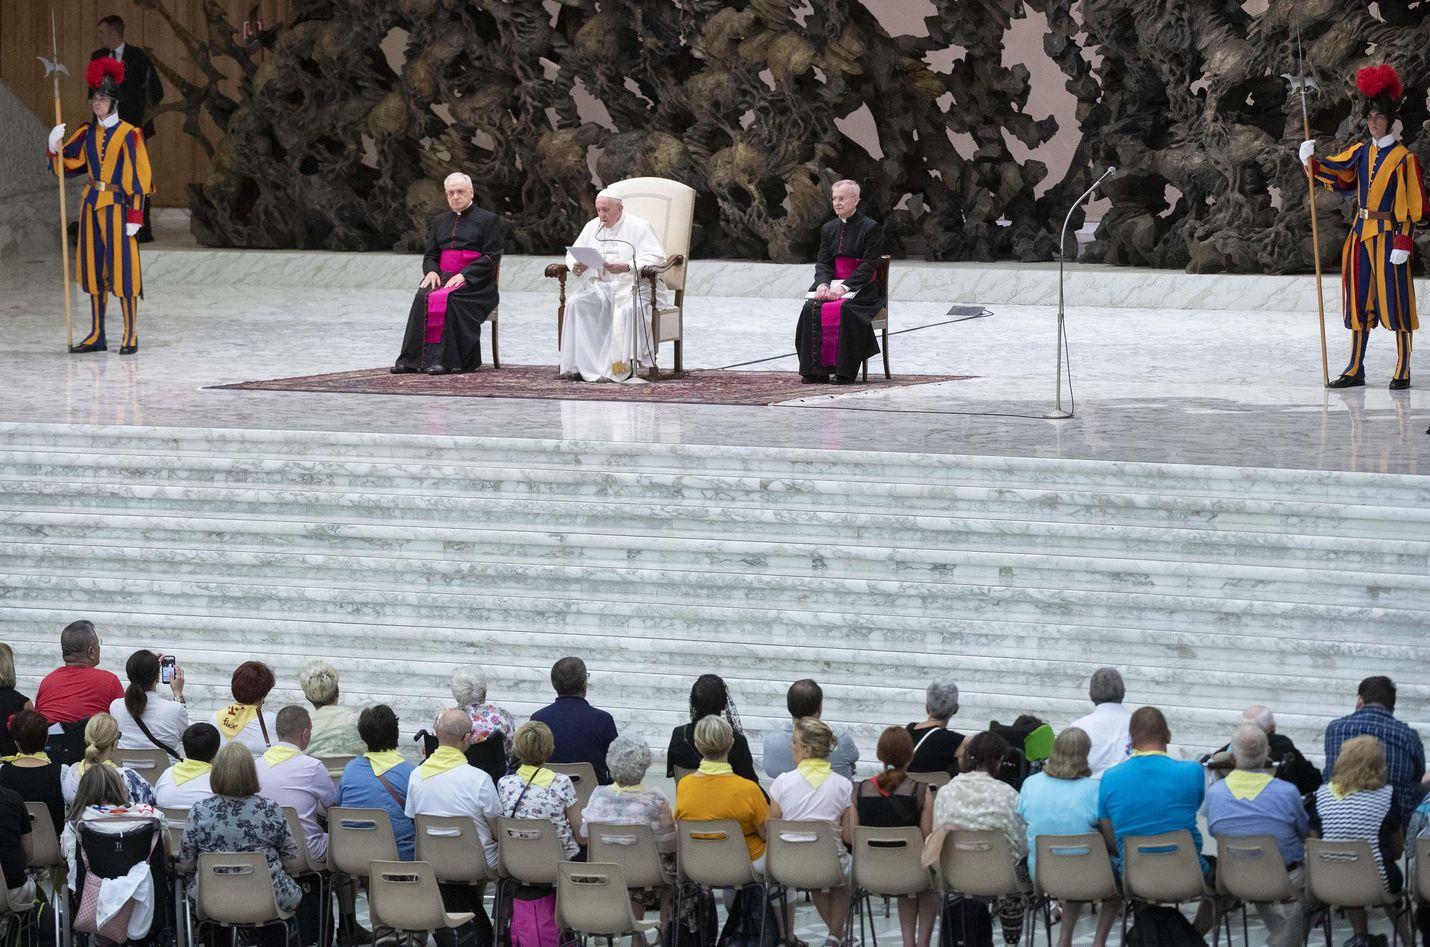 Paavi Fransiscus (keskellä) on aiemminkin vedonnut ympäristön puolesta. Hän on myös puolustanut Amazonin alkuperäisasukkaiden oikeuksia maansa ja kulttuurinsa säilyttämiseen.